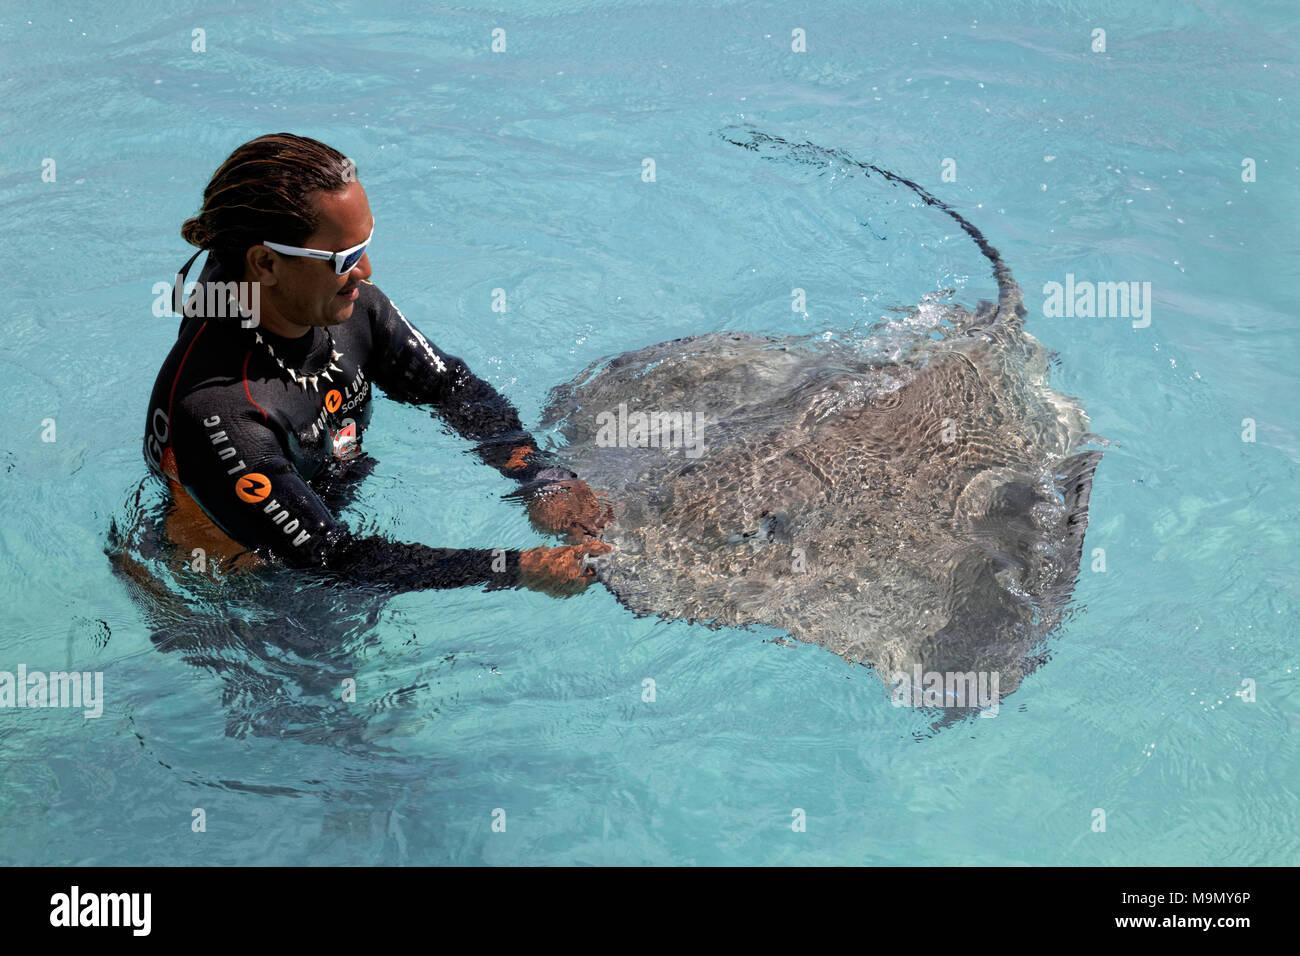 Polinesia, diver, juega en el agua con rosa Himantura whipray (FAI), Moorea, las Islas de la sociedad, Islas de Barlovento Imagen De Stock